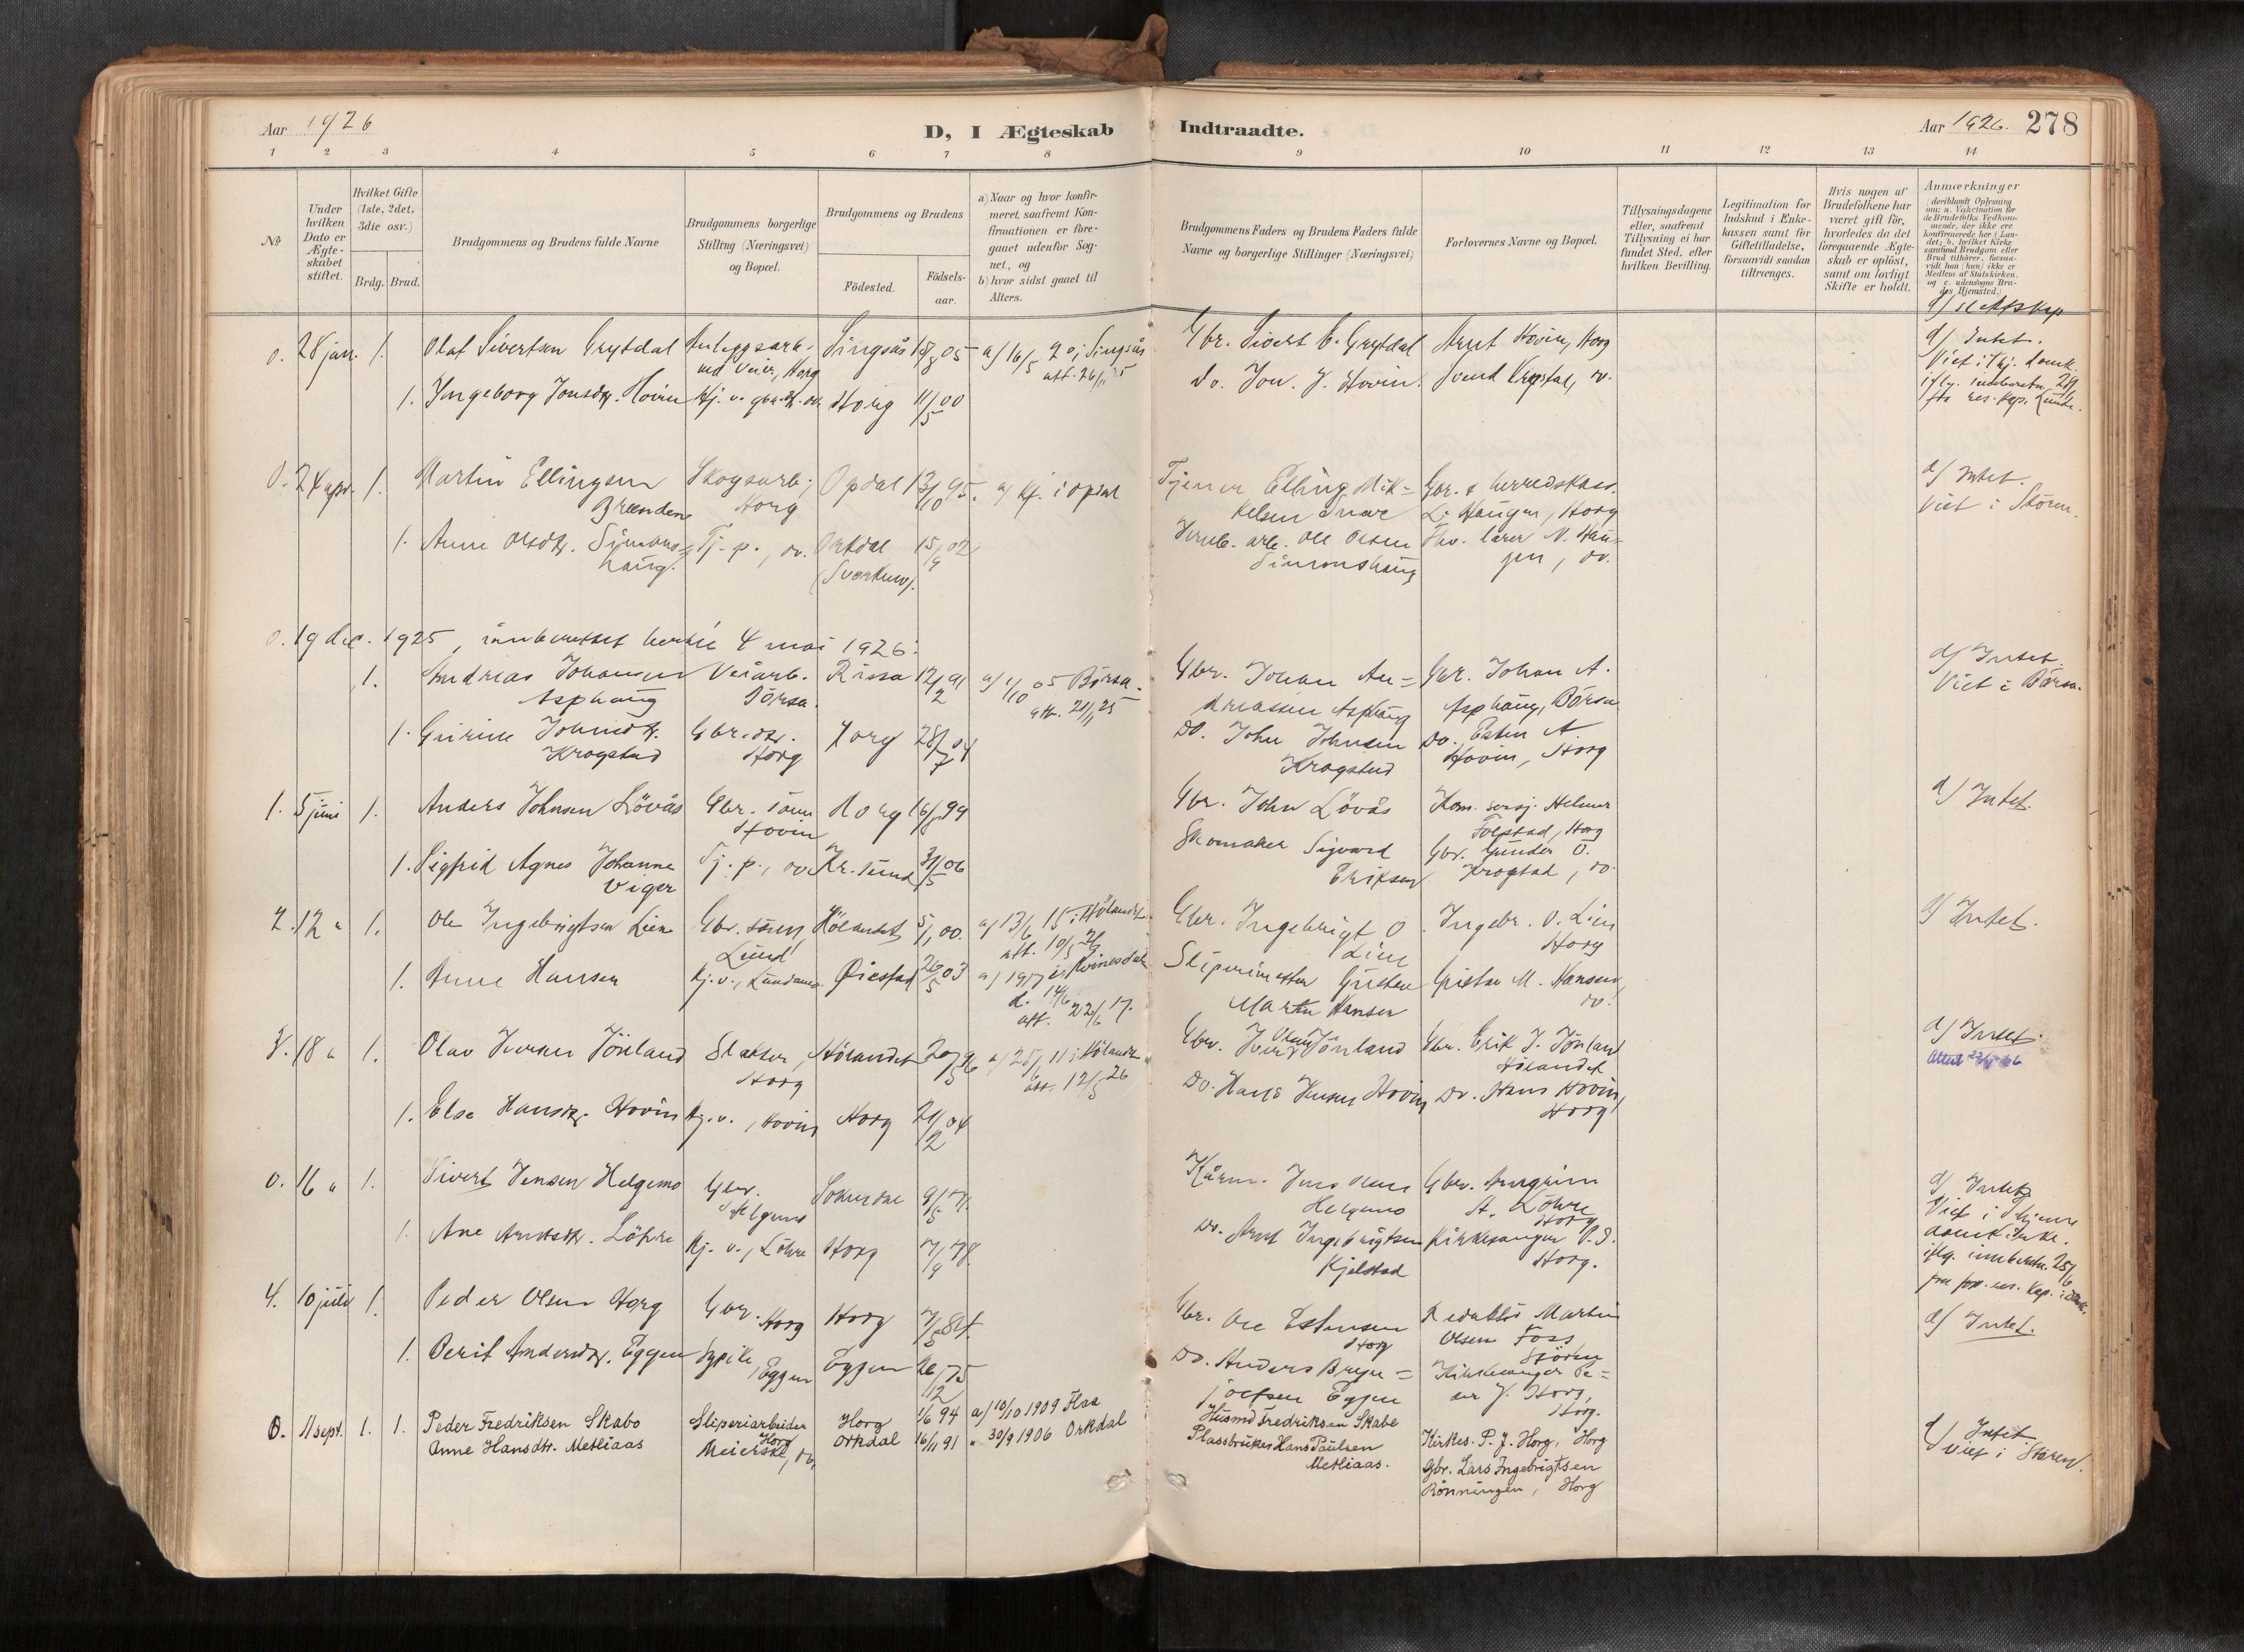 SAT, Ministerialprotokoller, klokkerbøker og fødselsregistre - Sør-Trøndelag, 692/L1105b: Ministerialbok nr. 692A06, 1891-1934, s. 278